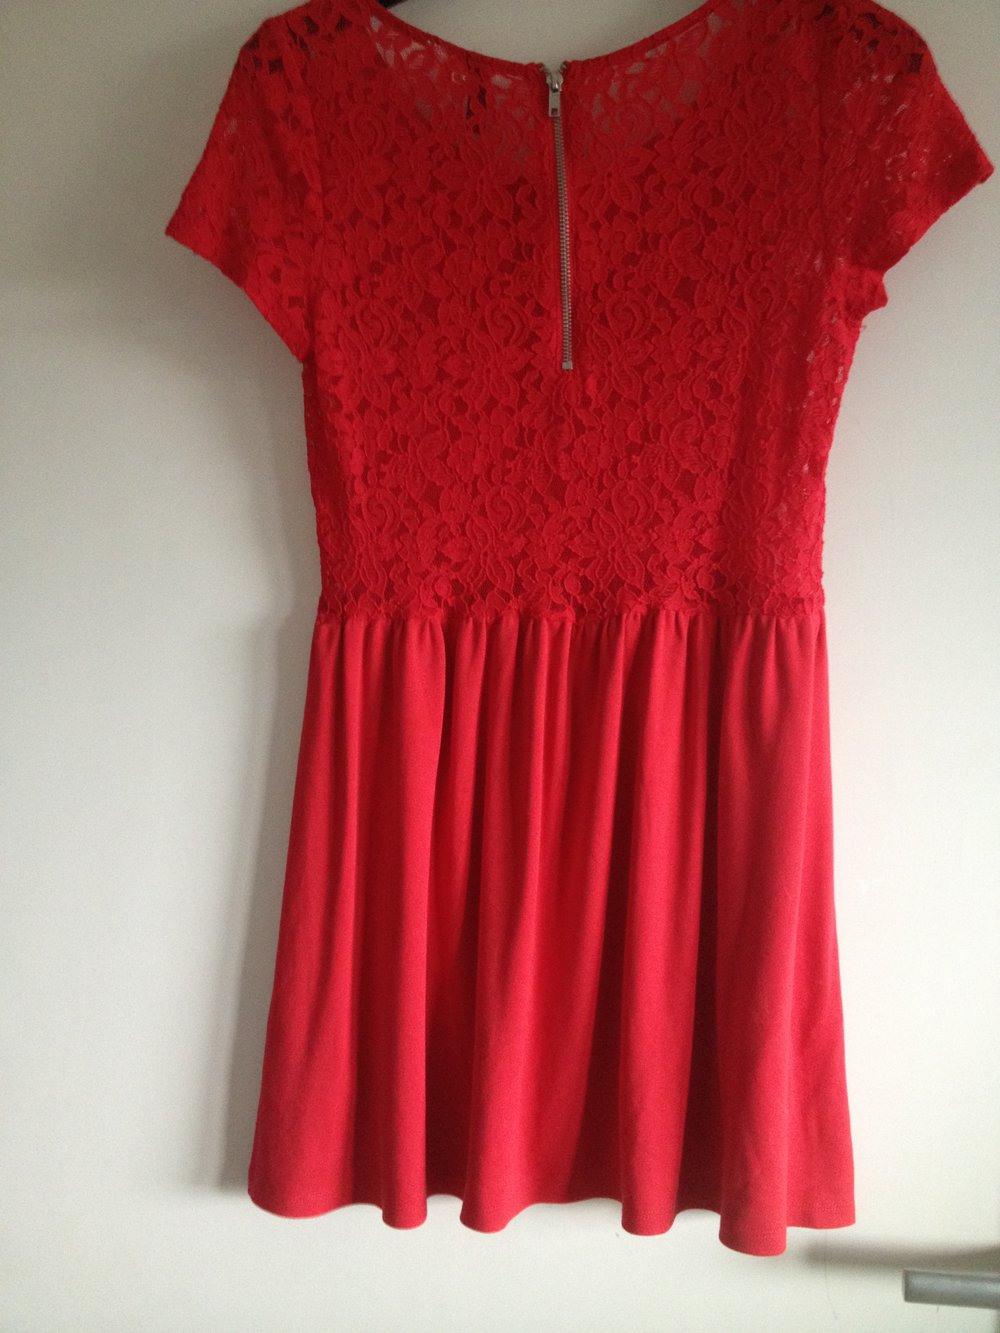 10 Schön Rotes Kleid Mit Spitze Vertrieb10 Schön Rotes Kleid Mit Spitze für 2019